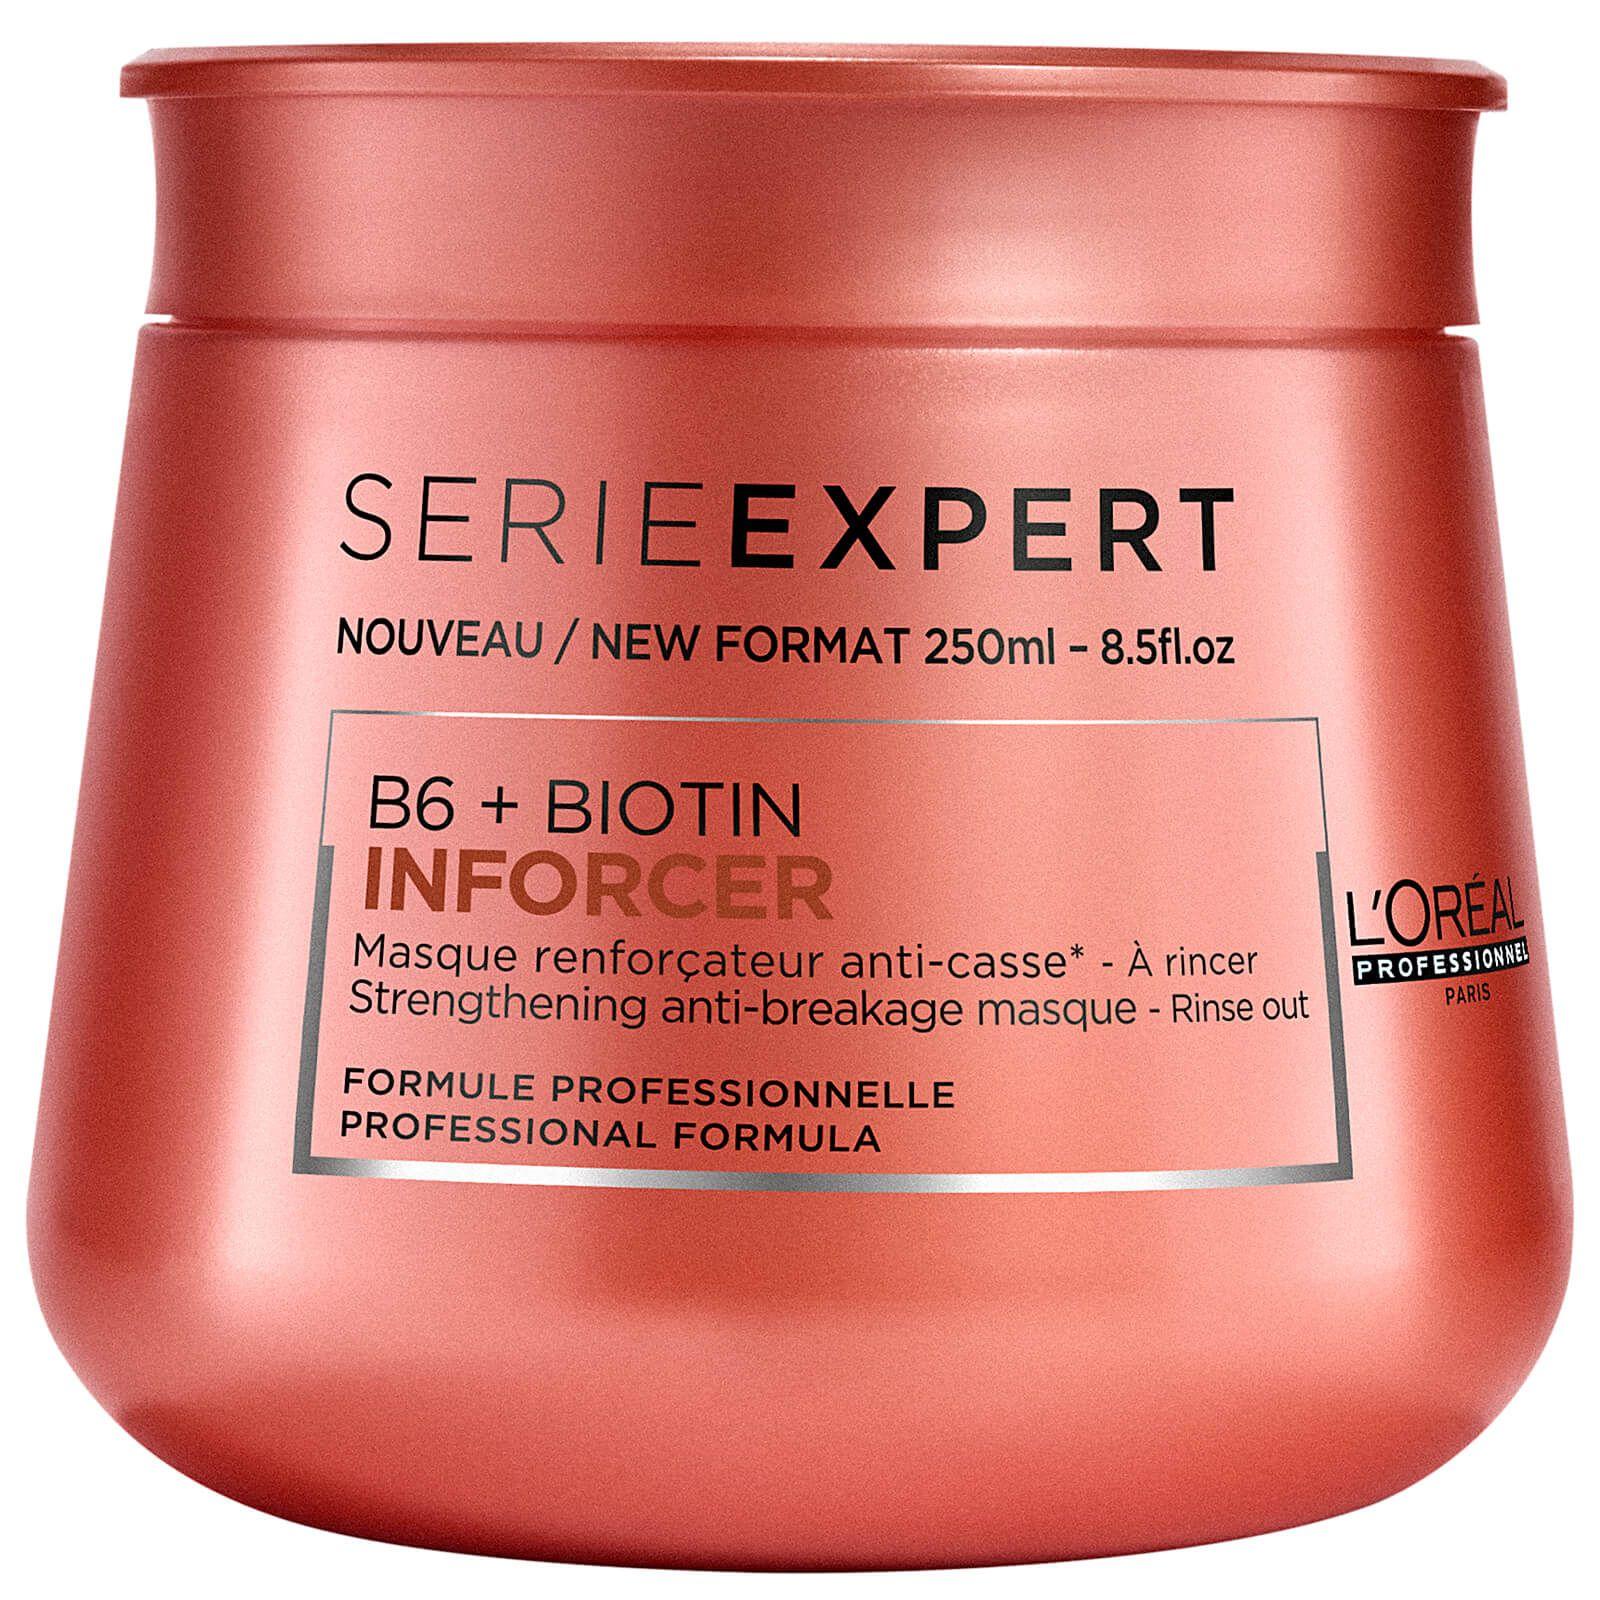 Loreal Inforcer Masque Biotin, Hair breakage, Stop hair